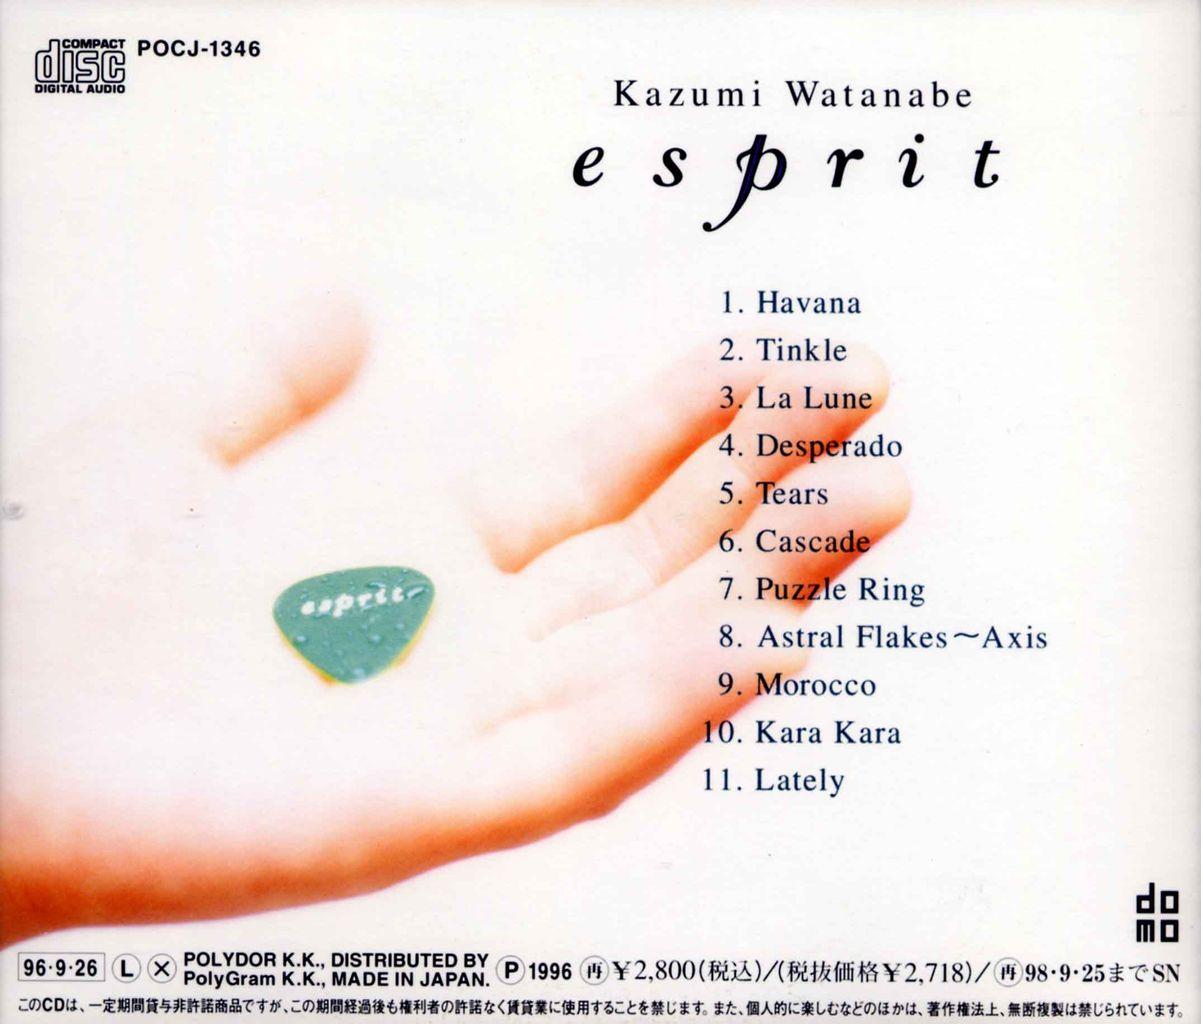 ESPRIT-2